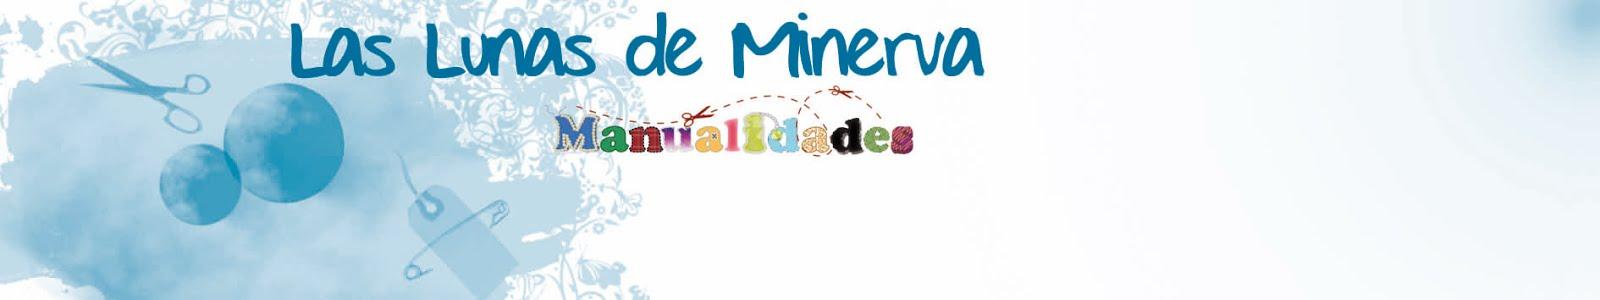 Las Lunas de Minerva